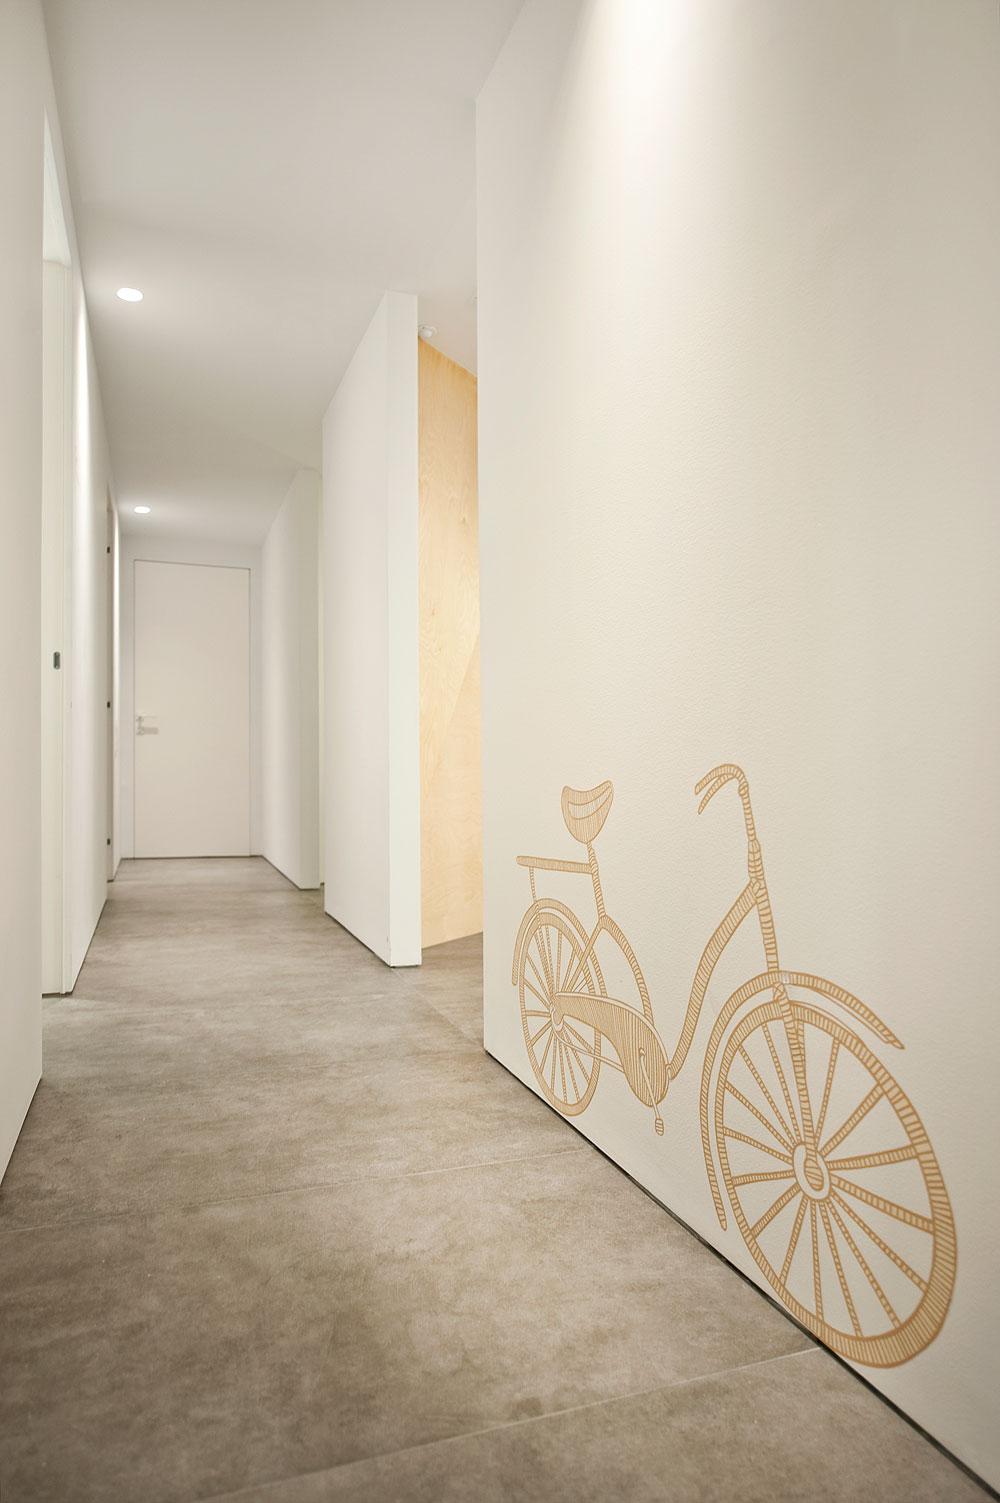 consultorio-medico-tesalonica-mal-vi-architects (20)